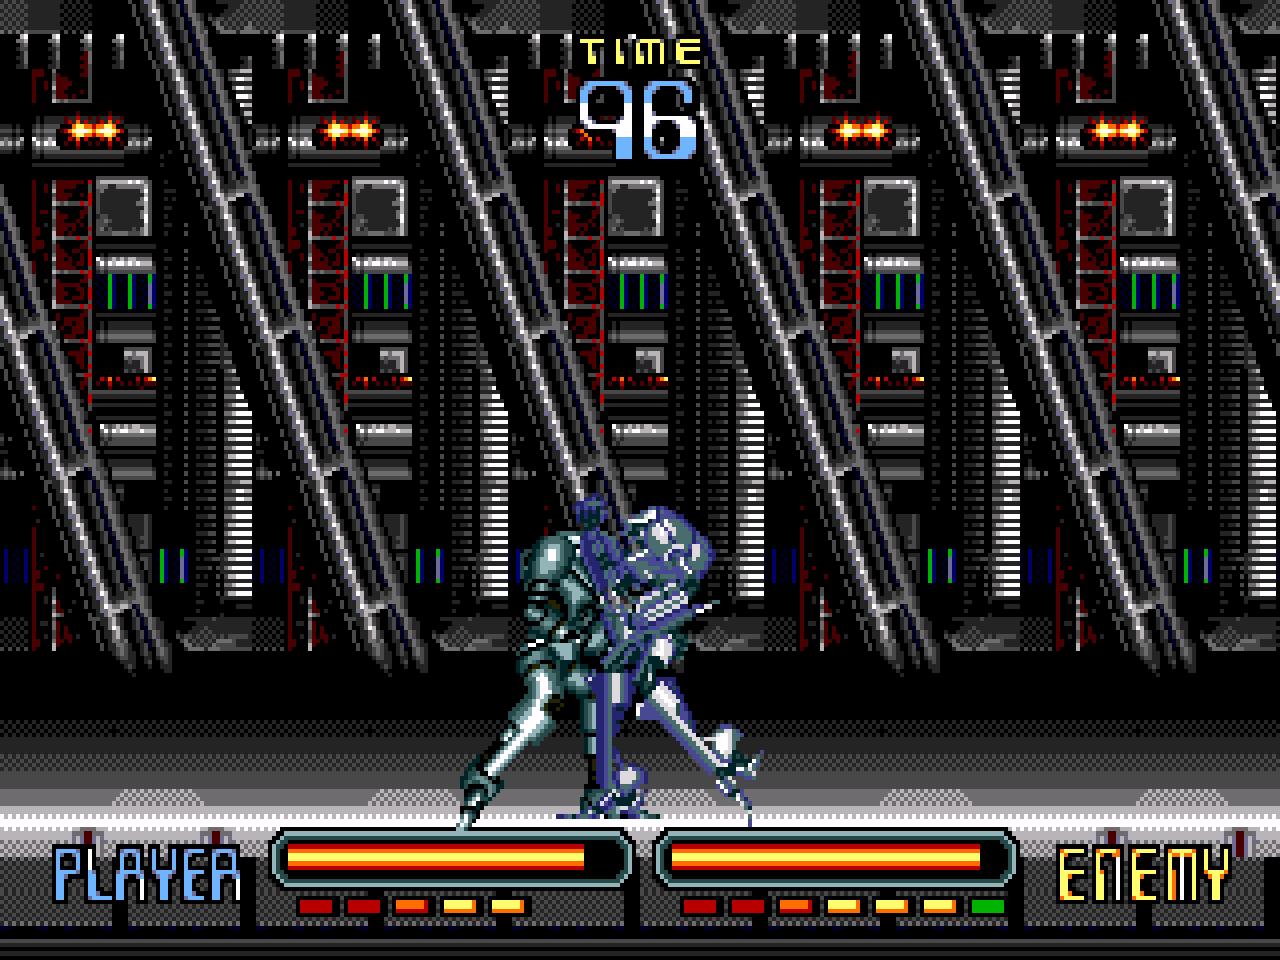 Robot fighting games for sega genesis casino royale lovetheme